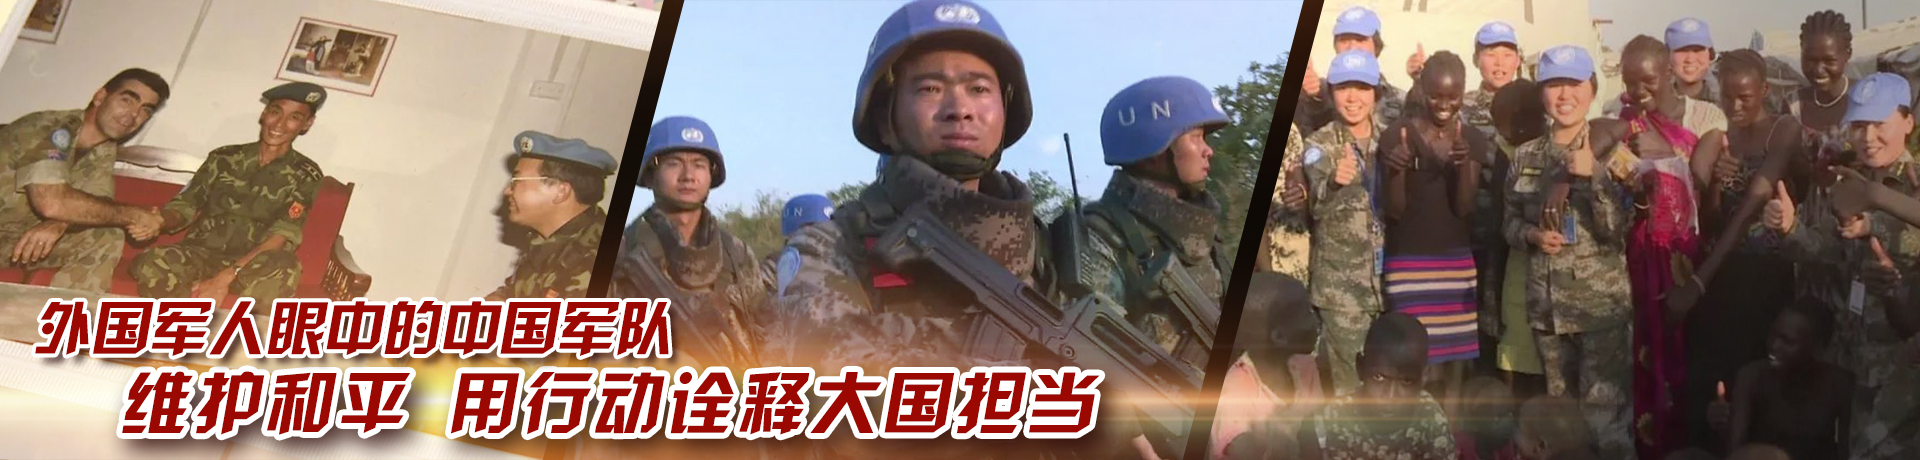 【外国军人眼中的中国军队】维护和平 用行动?#25925;?#22823;国担当